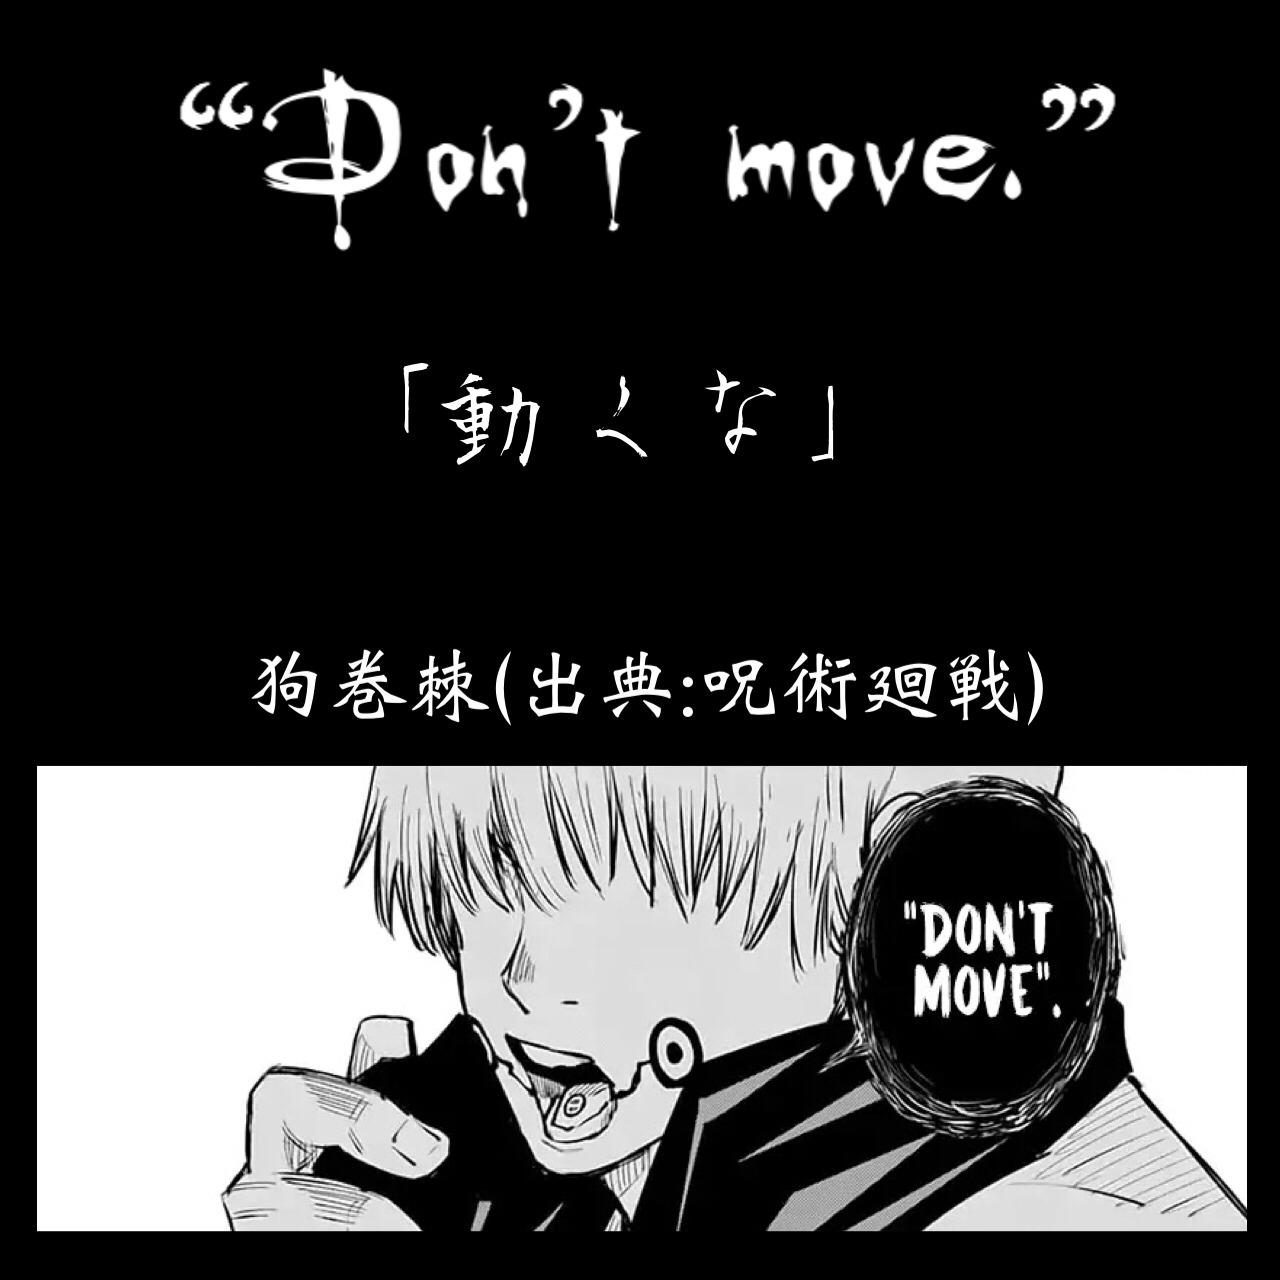 「動くな」 / 狗巻棘(出典:呪術廻戦)